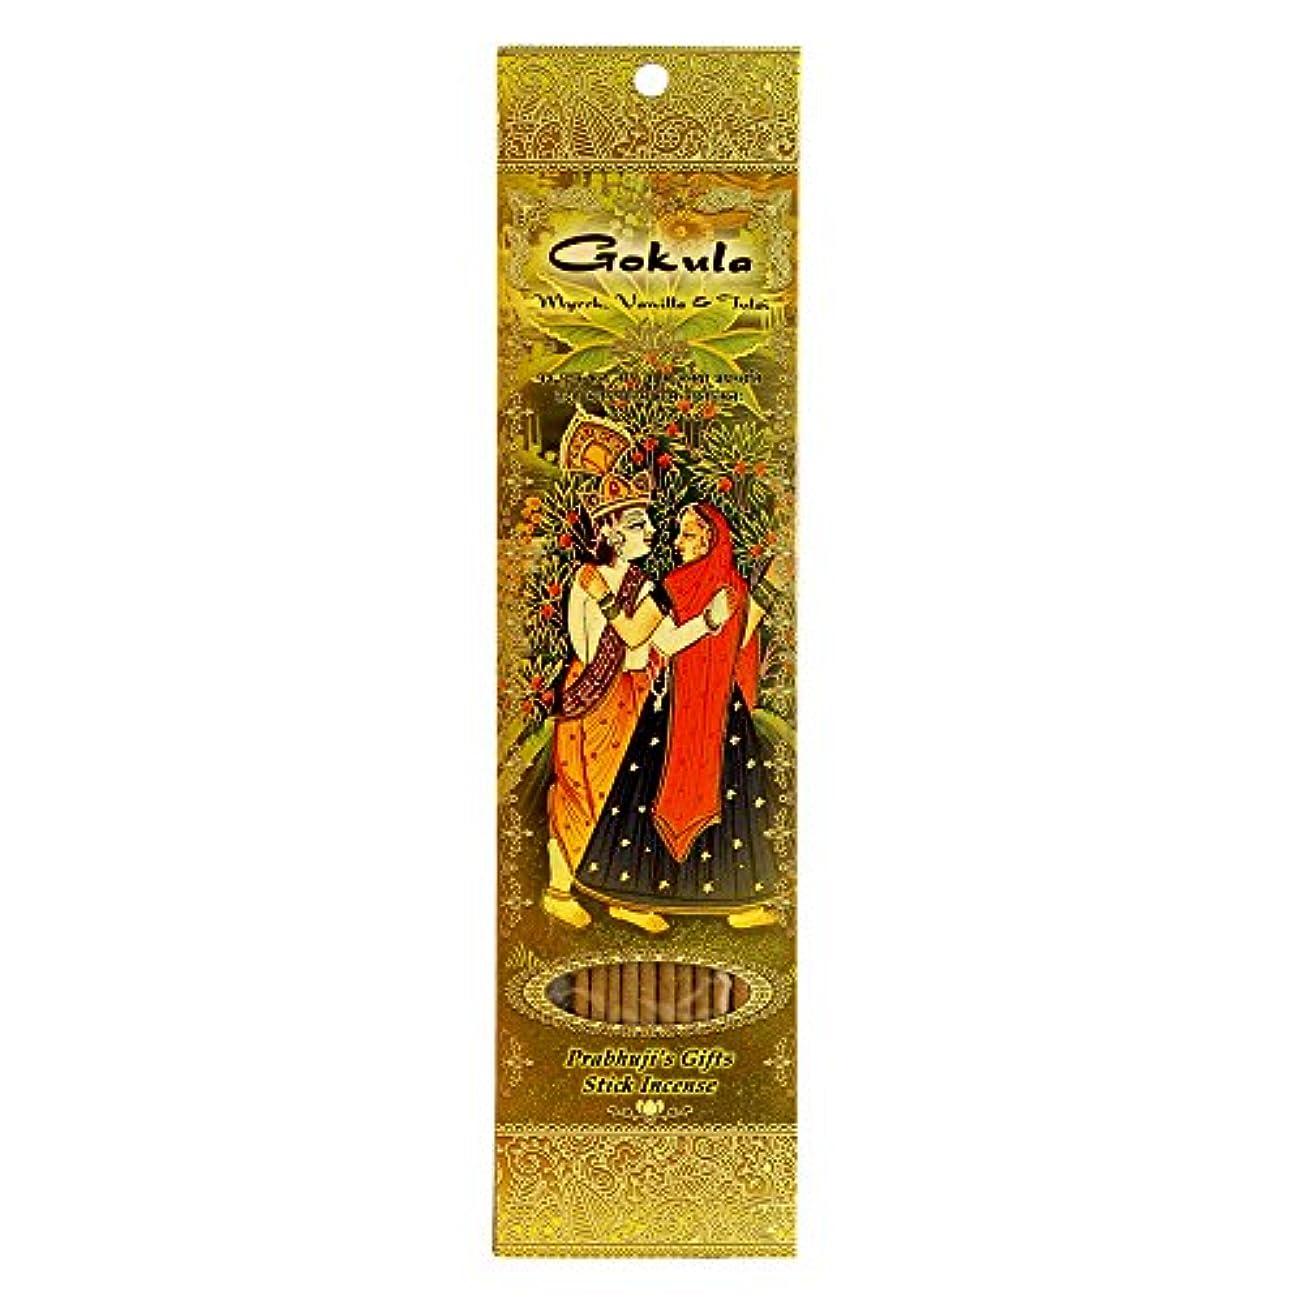 強大な覚えている偏差Incense Sticks Gokula – Myrrh、バニラ、Tulsi